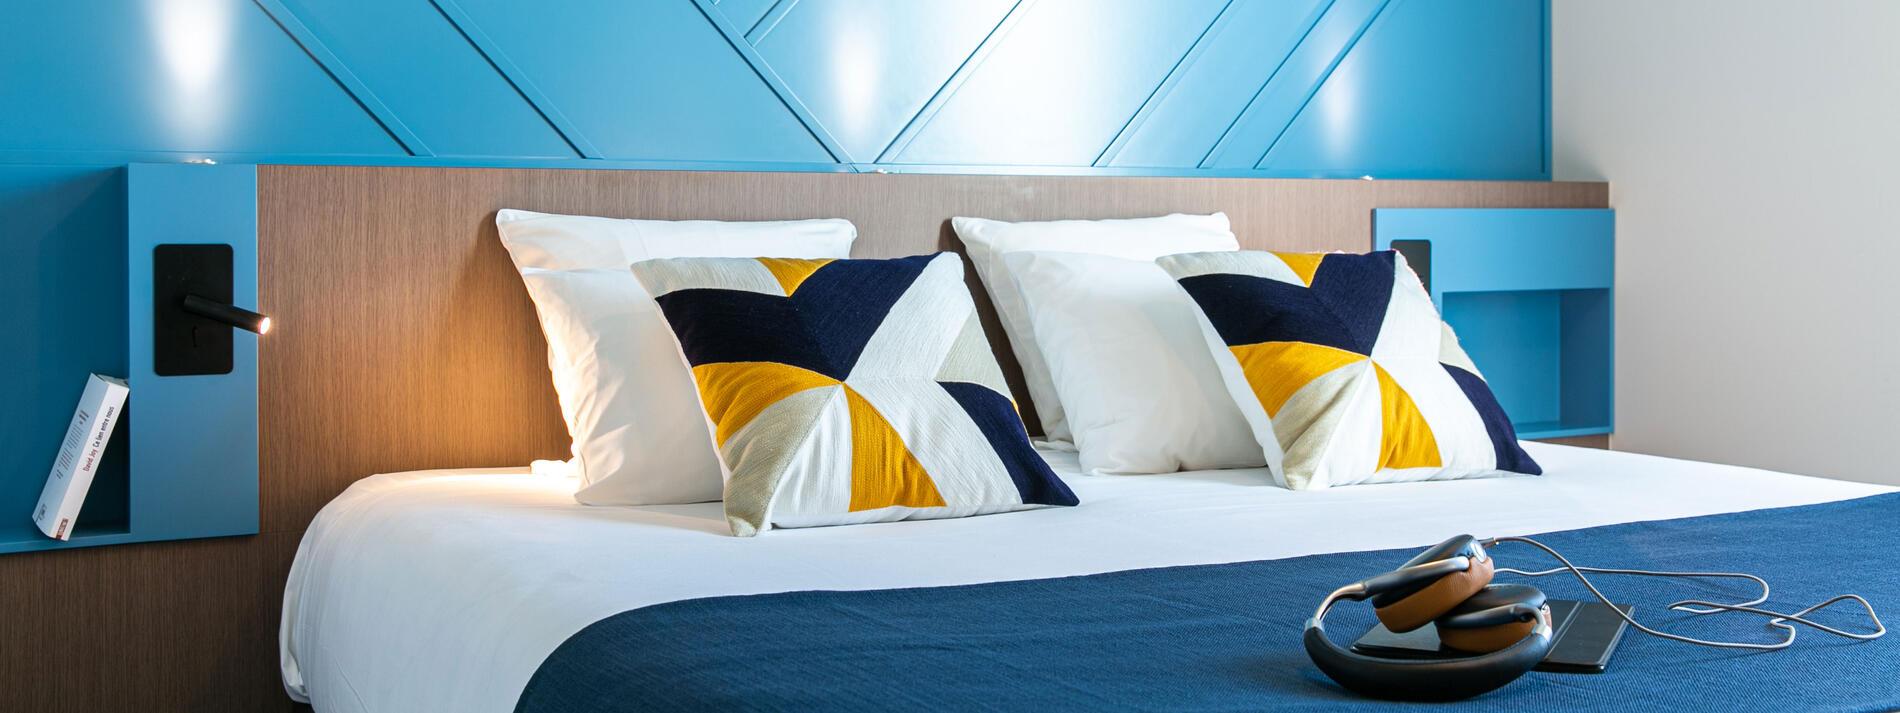 Chambre double grand lit literie haut de gamme oreiller moelleux